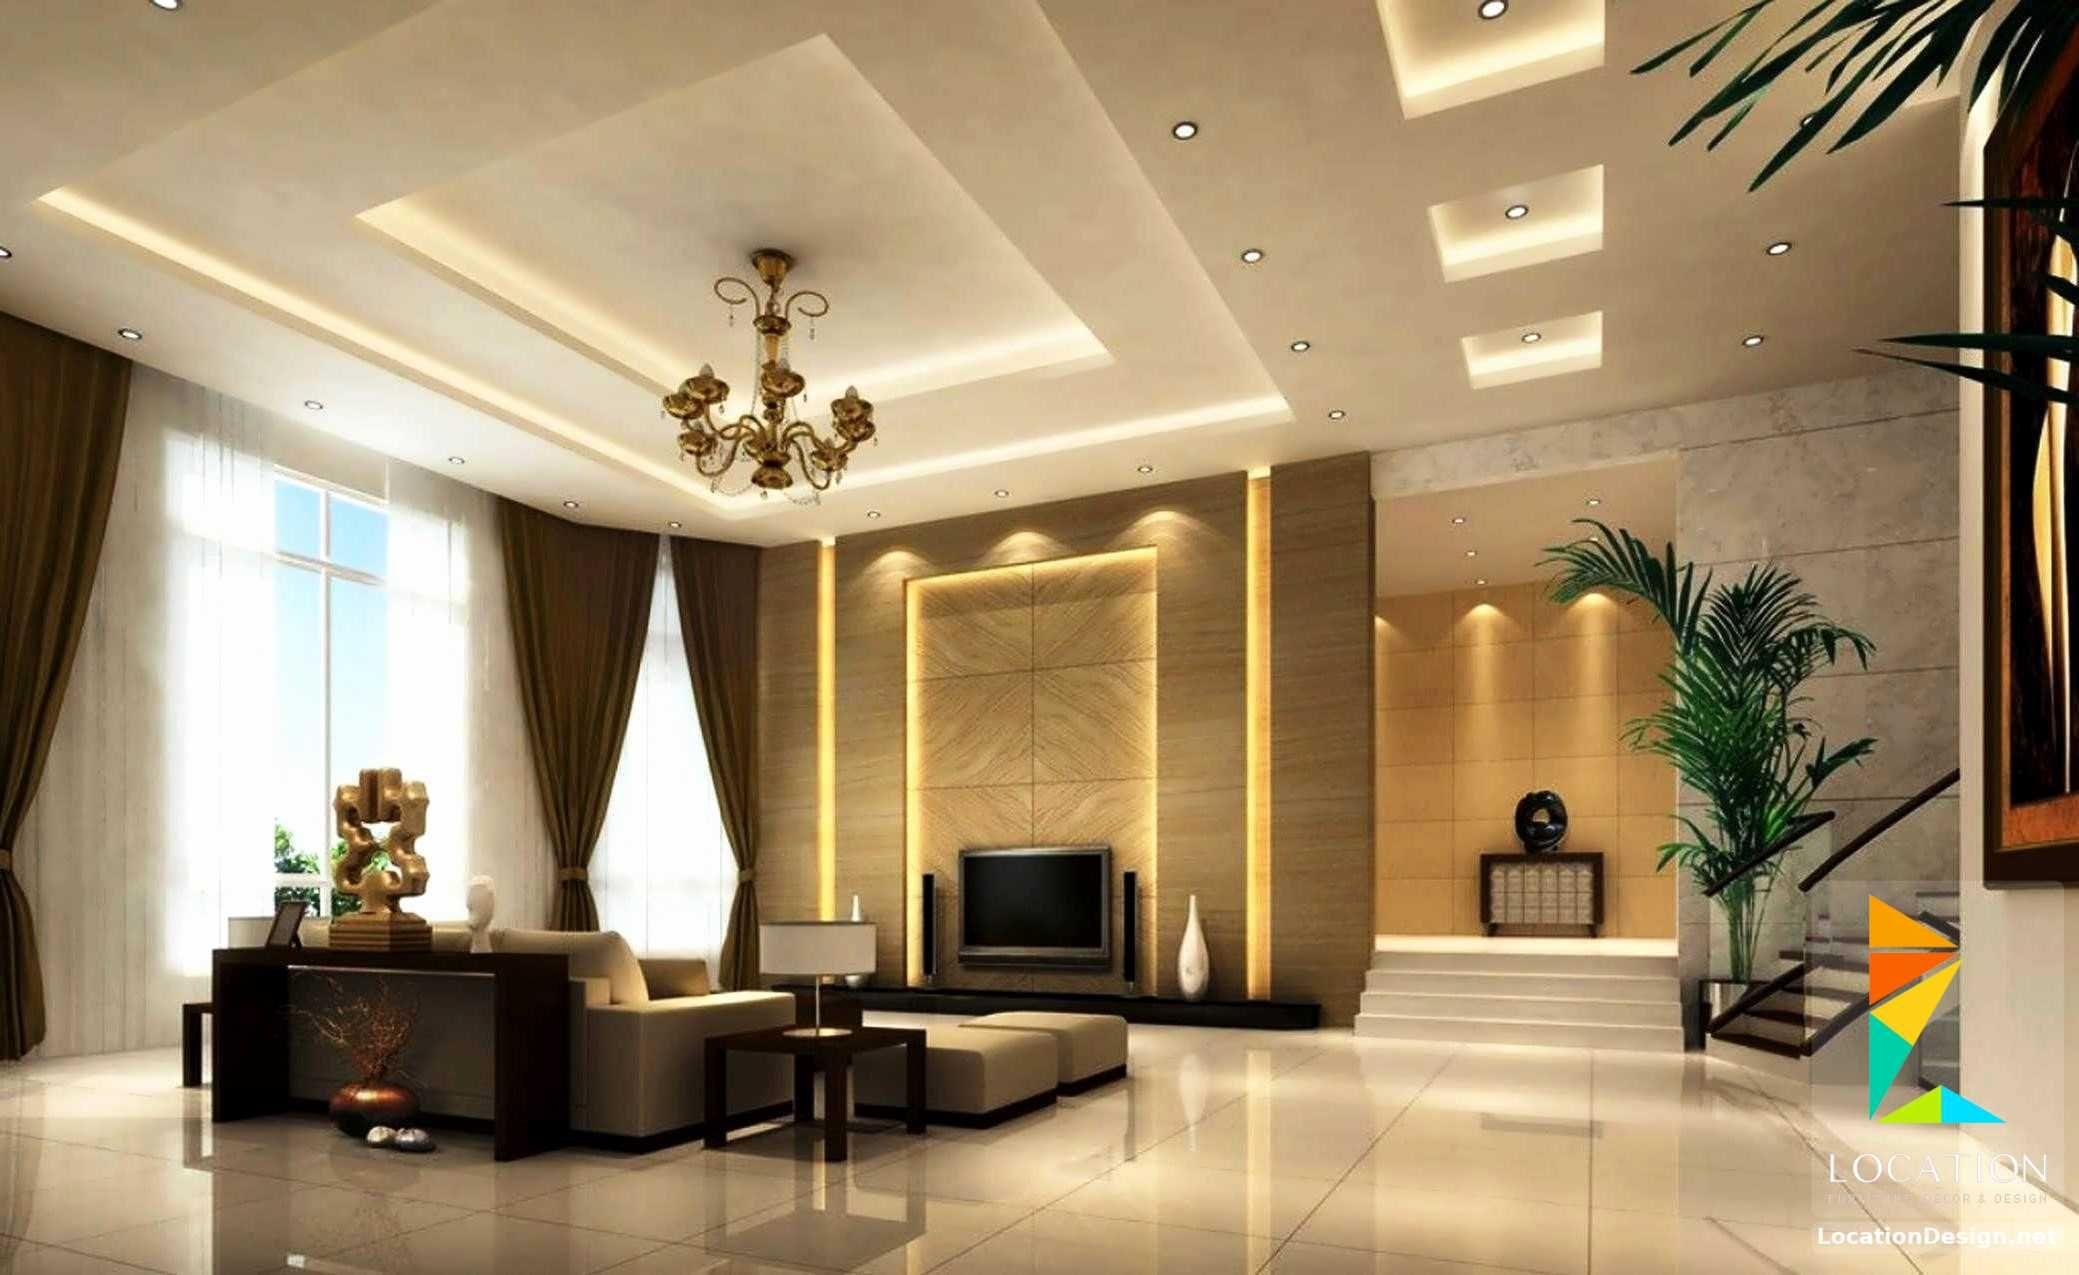 ديكورات جبس اسقف راقيه 2018 تصميمات جبسيه للشقق المودرن لوكشين ديزين نت Simple Ceiling Design Ceiling Design Living Room Ceiling Design Modern